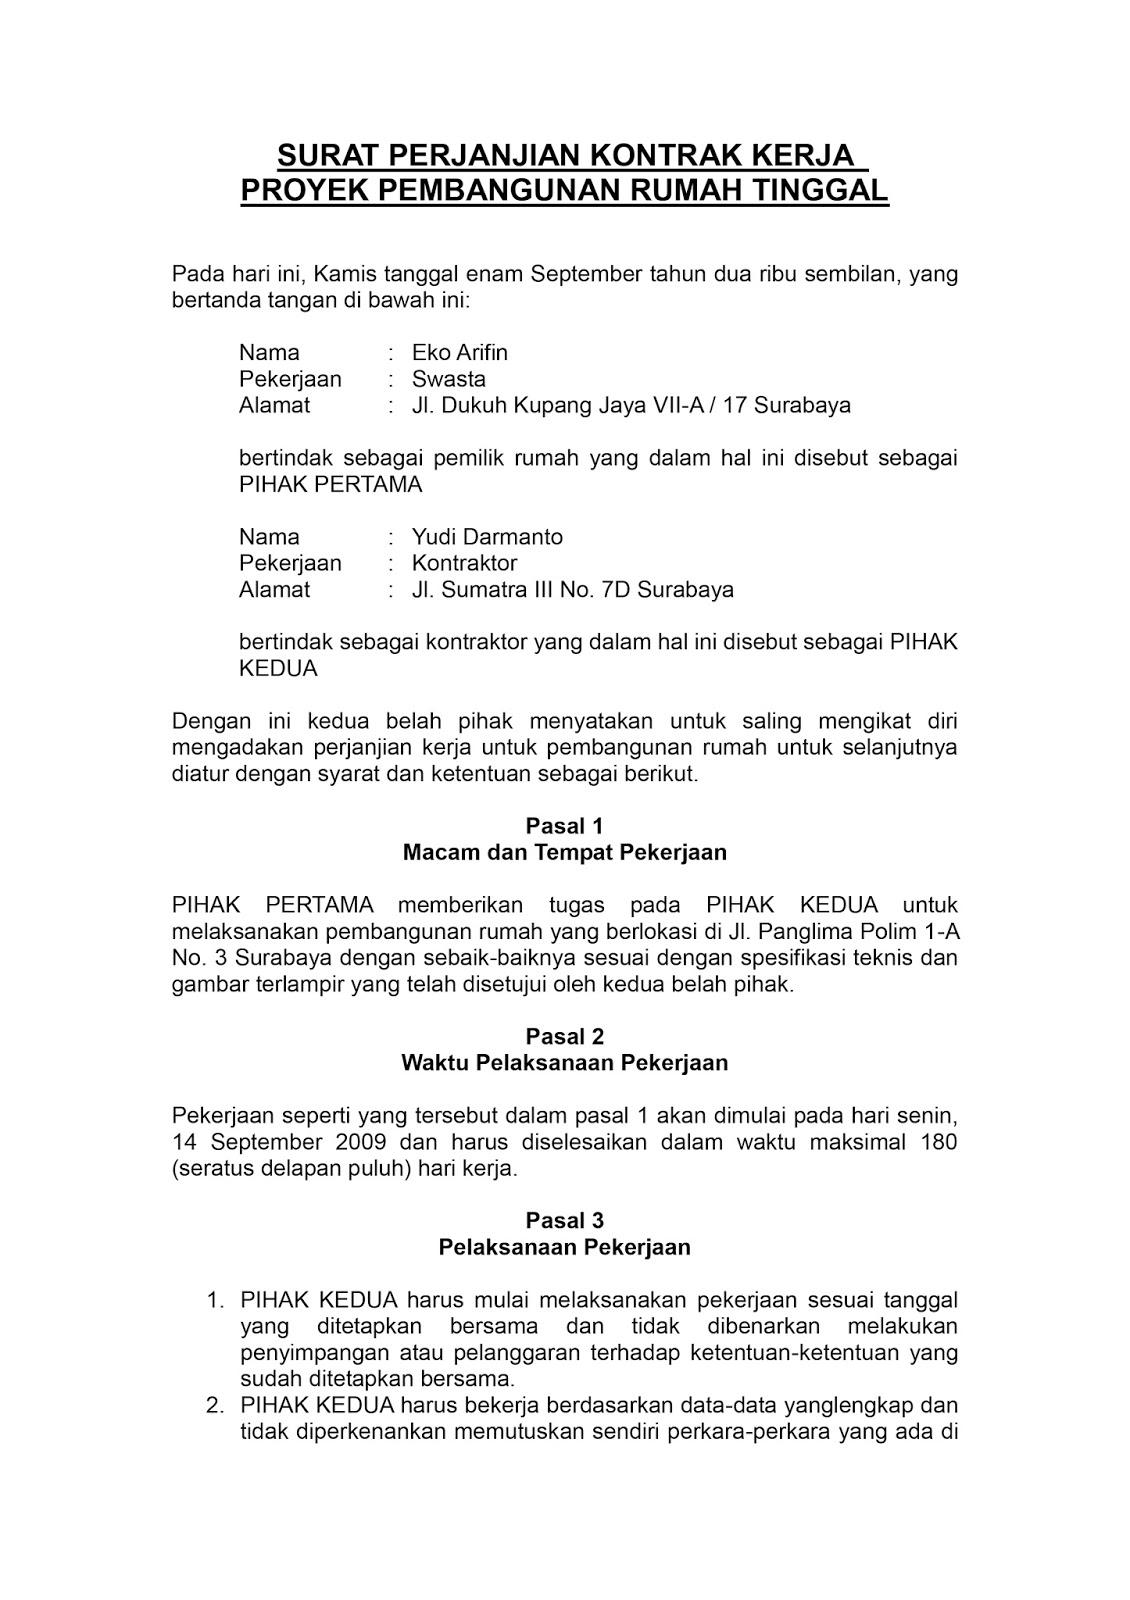 Analisa Kontrak Kerja Bima Haryadi